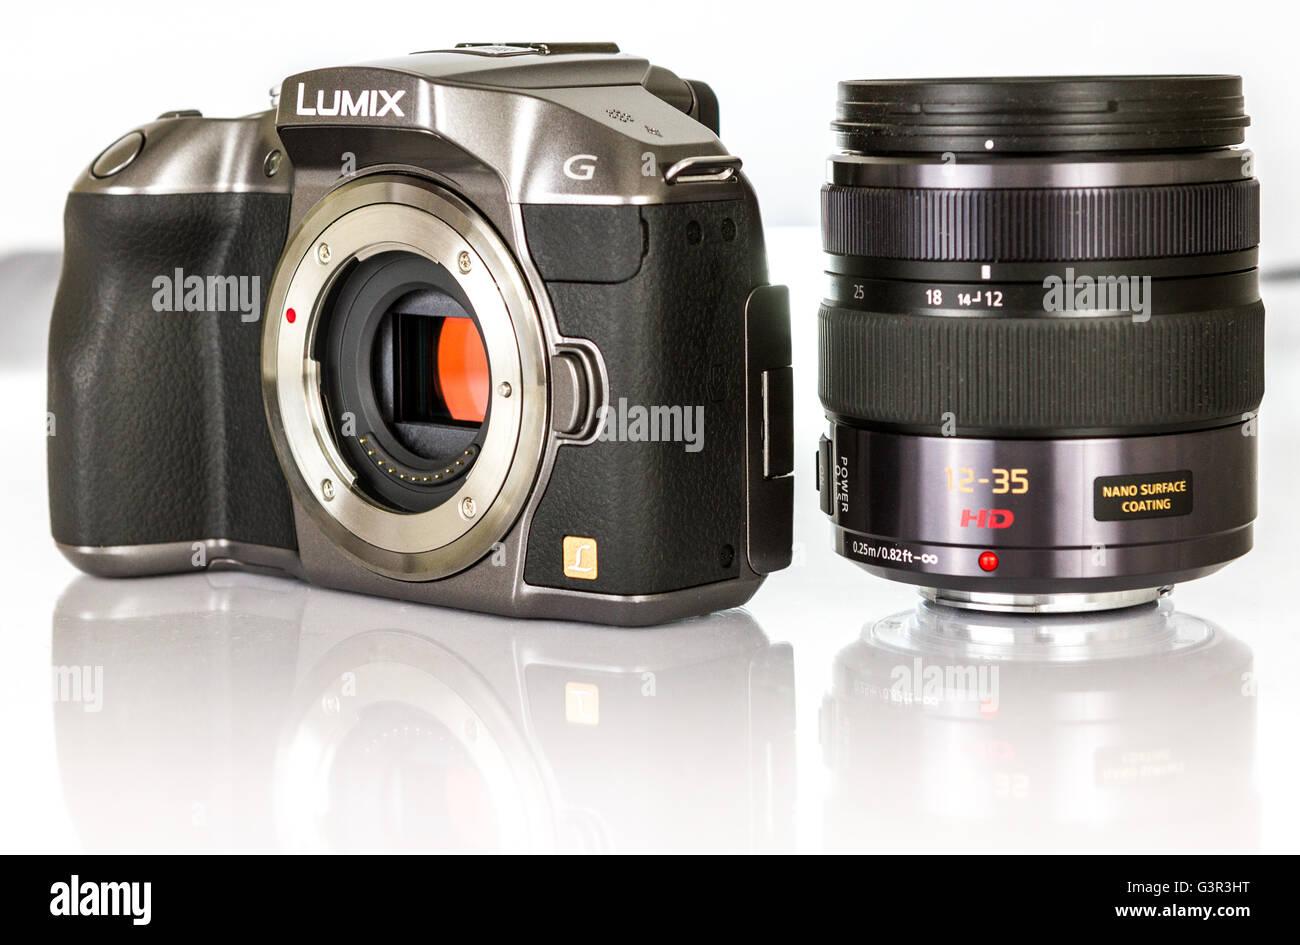 Stock photo - PANASONIC LUMIX G mirrorless camera with zoom lance - Stock Image